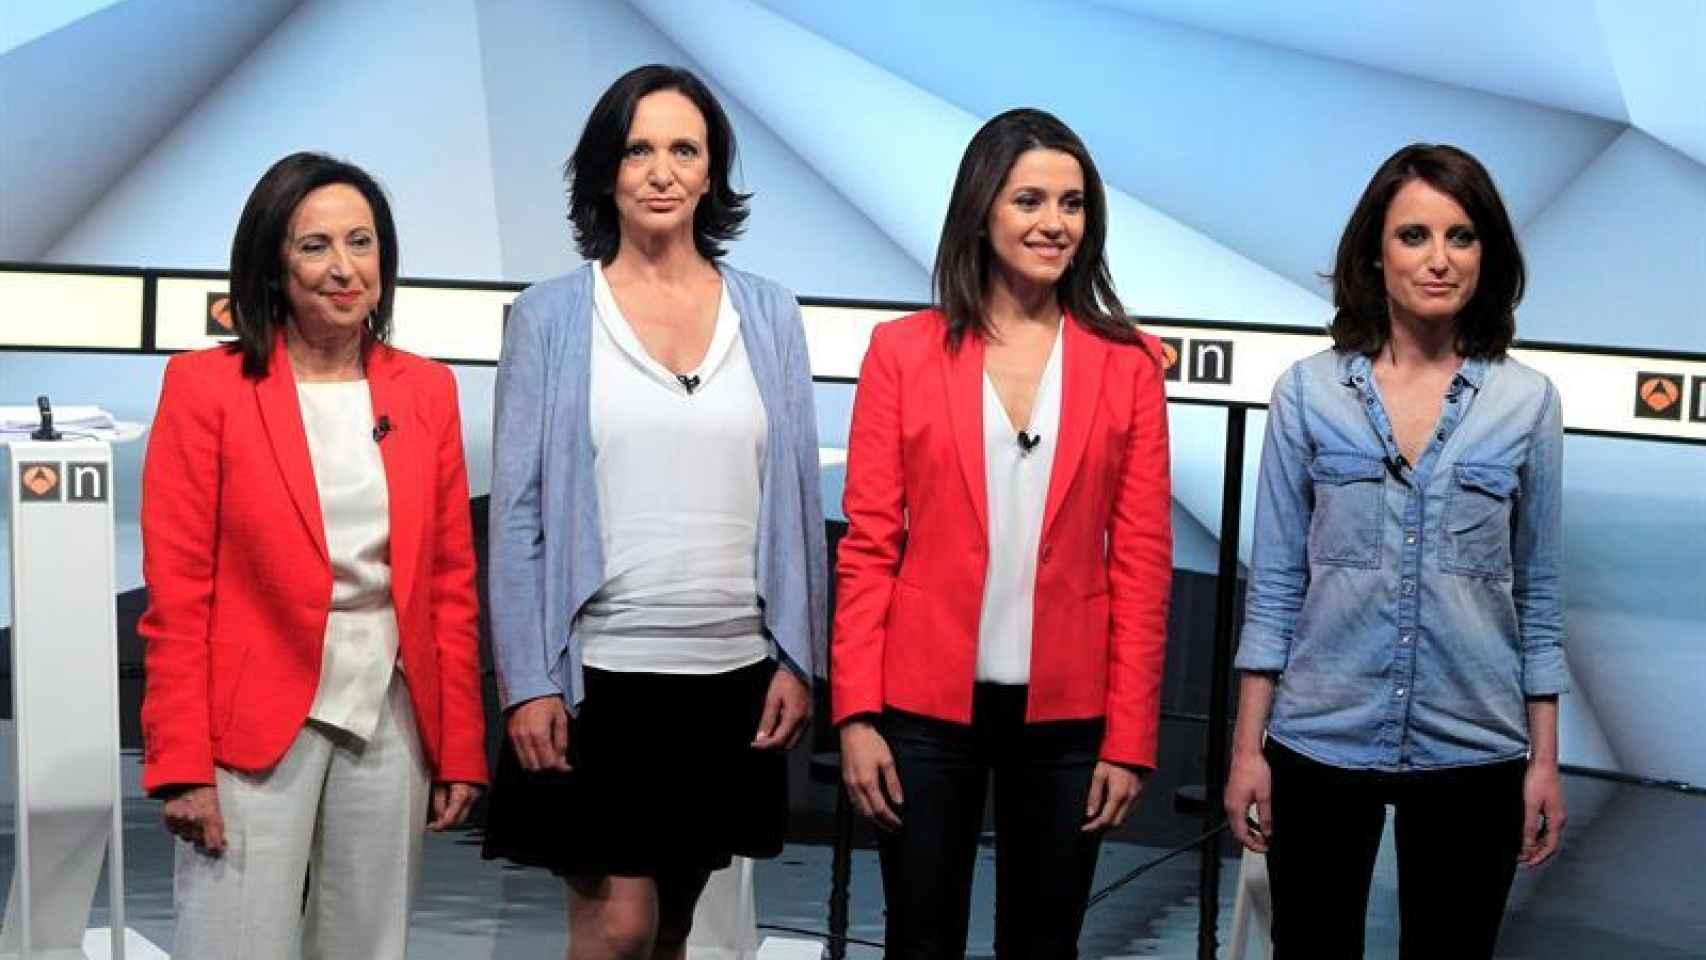 Margarita Robles, Carolina Bescansa, Inés Arrimadas y Andrea Levy han protagonizado el primer debate electoral en Antena 3